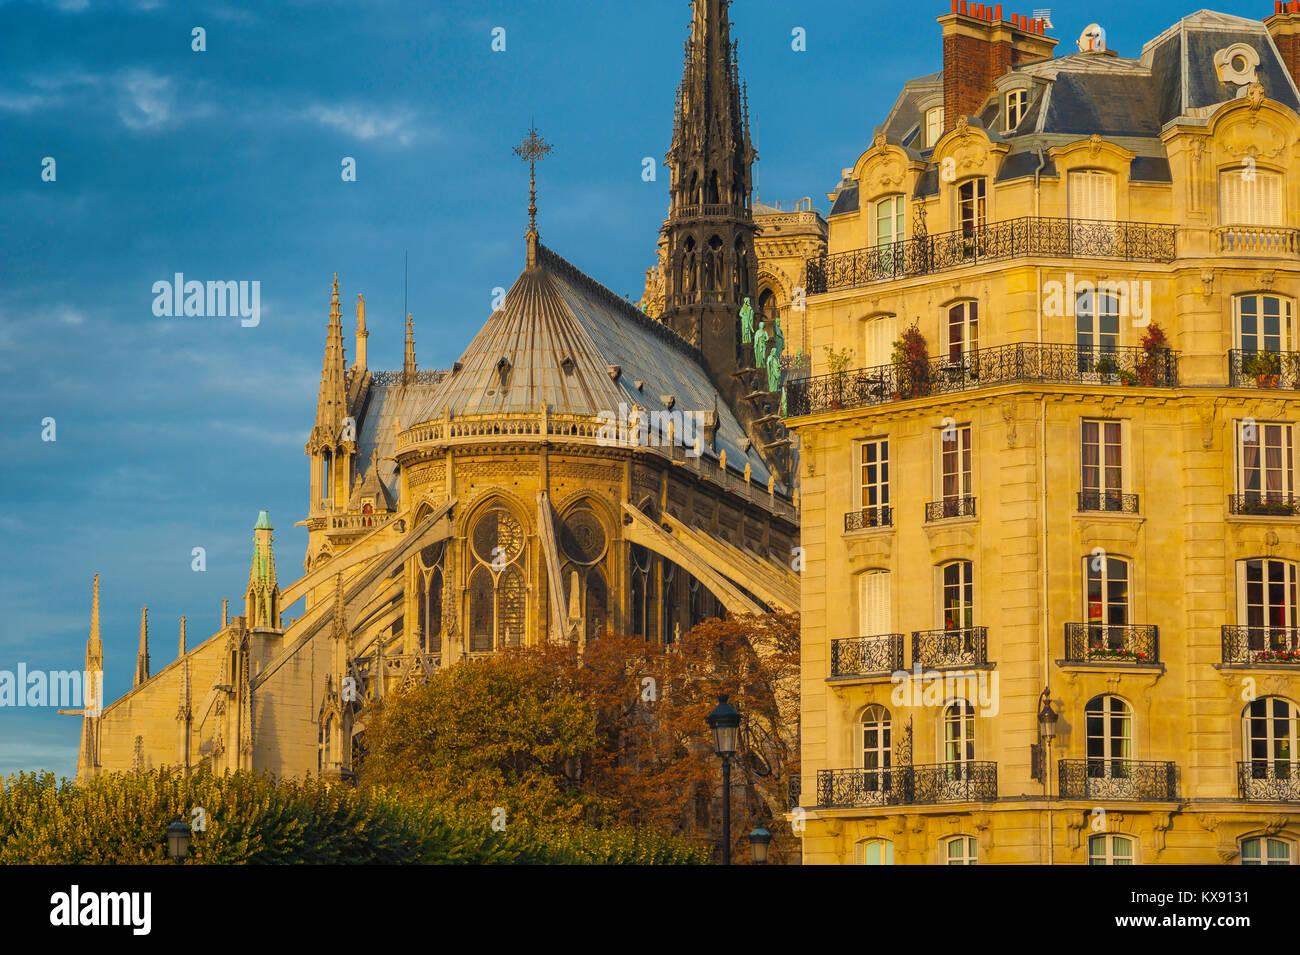 L'architecture de Paris, l'est de la Cathédrale Notre Dame à côté d'un immeuble Photo Stock